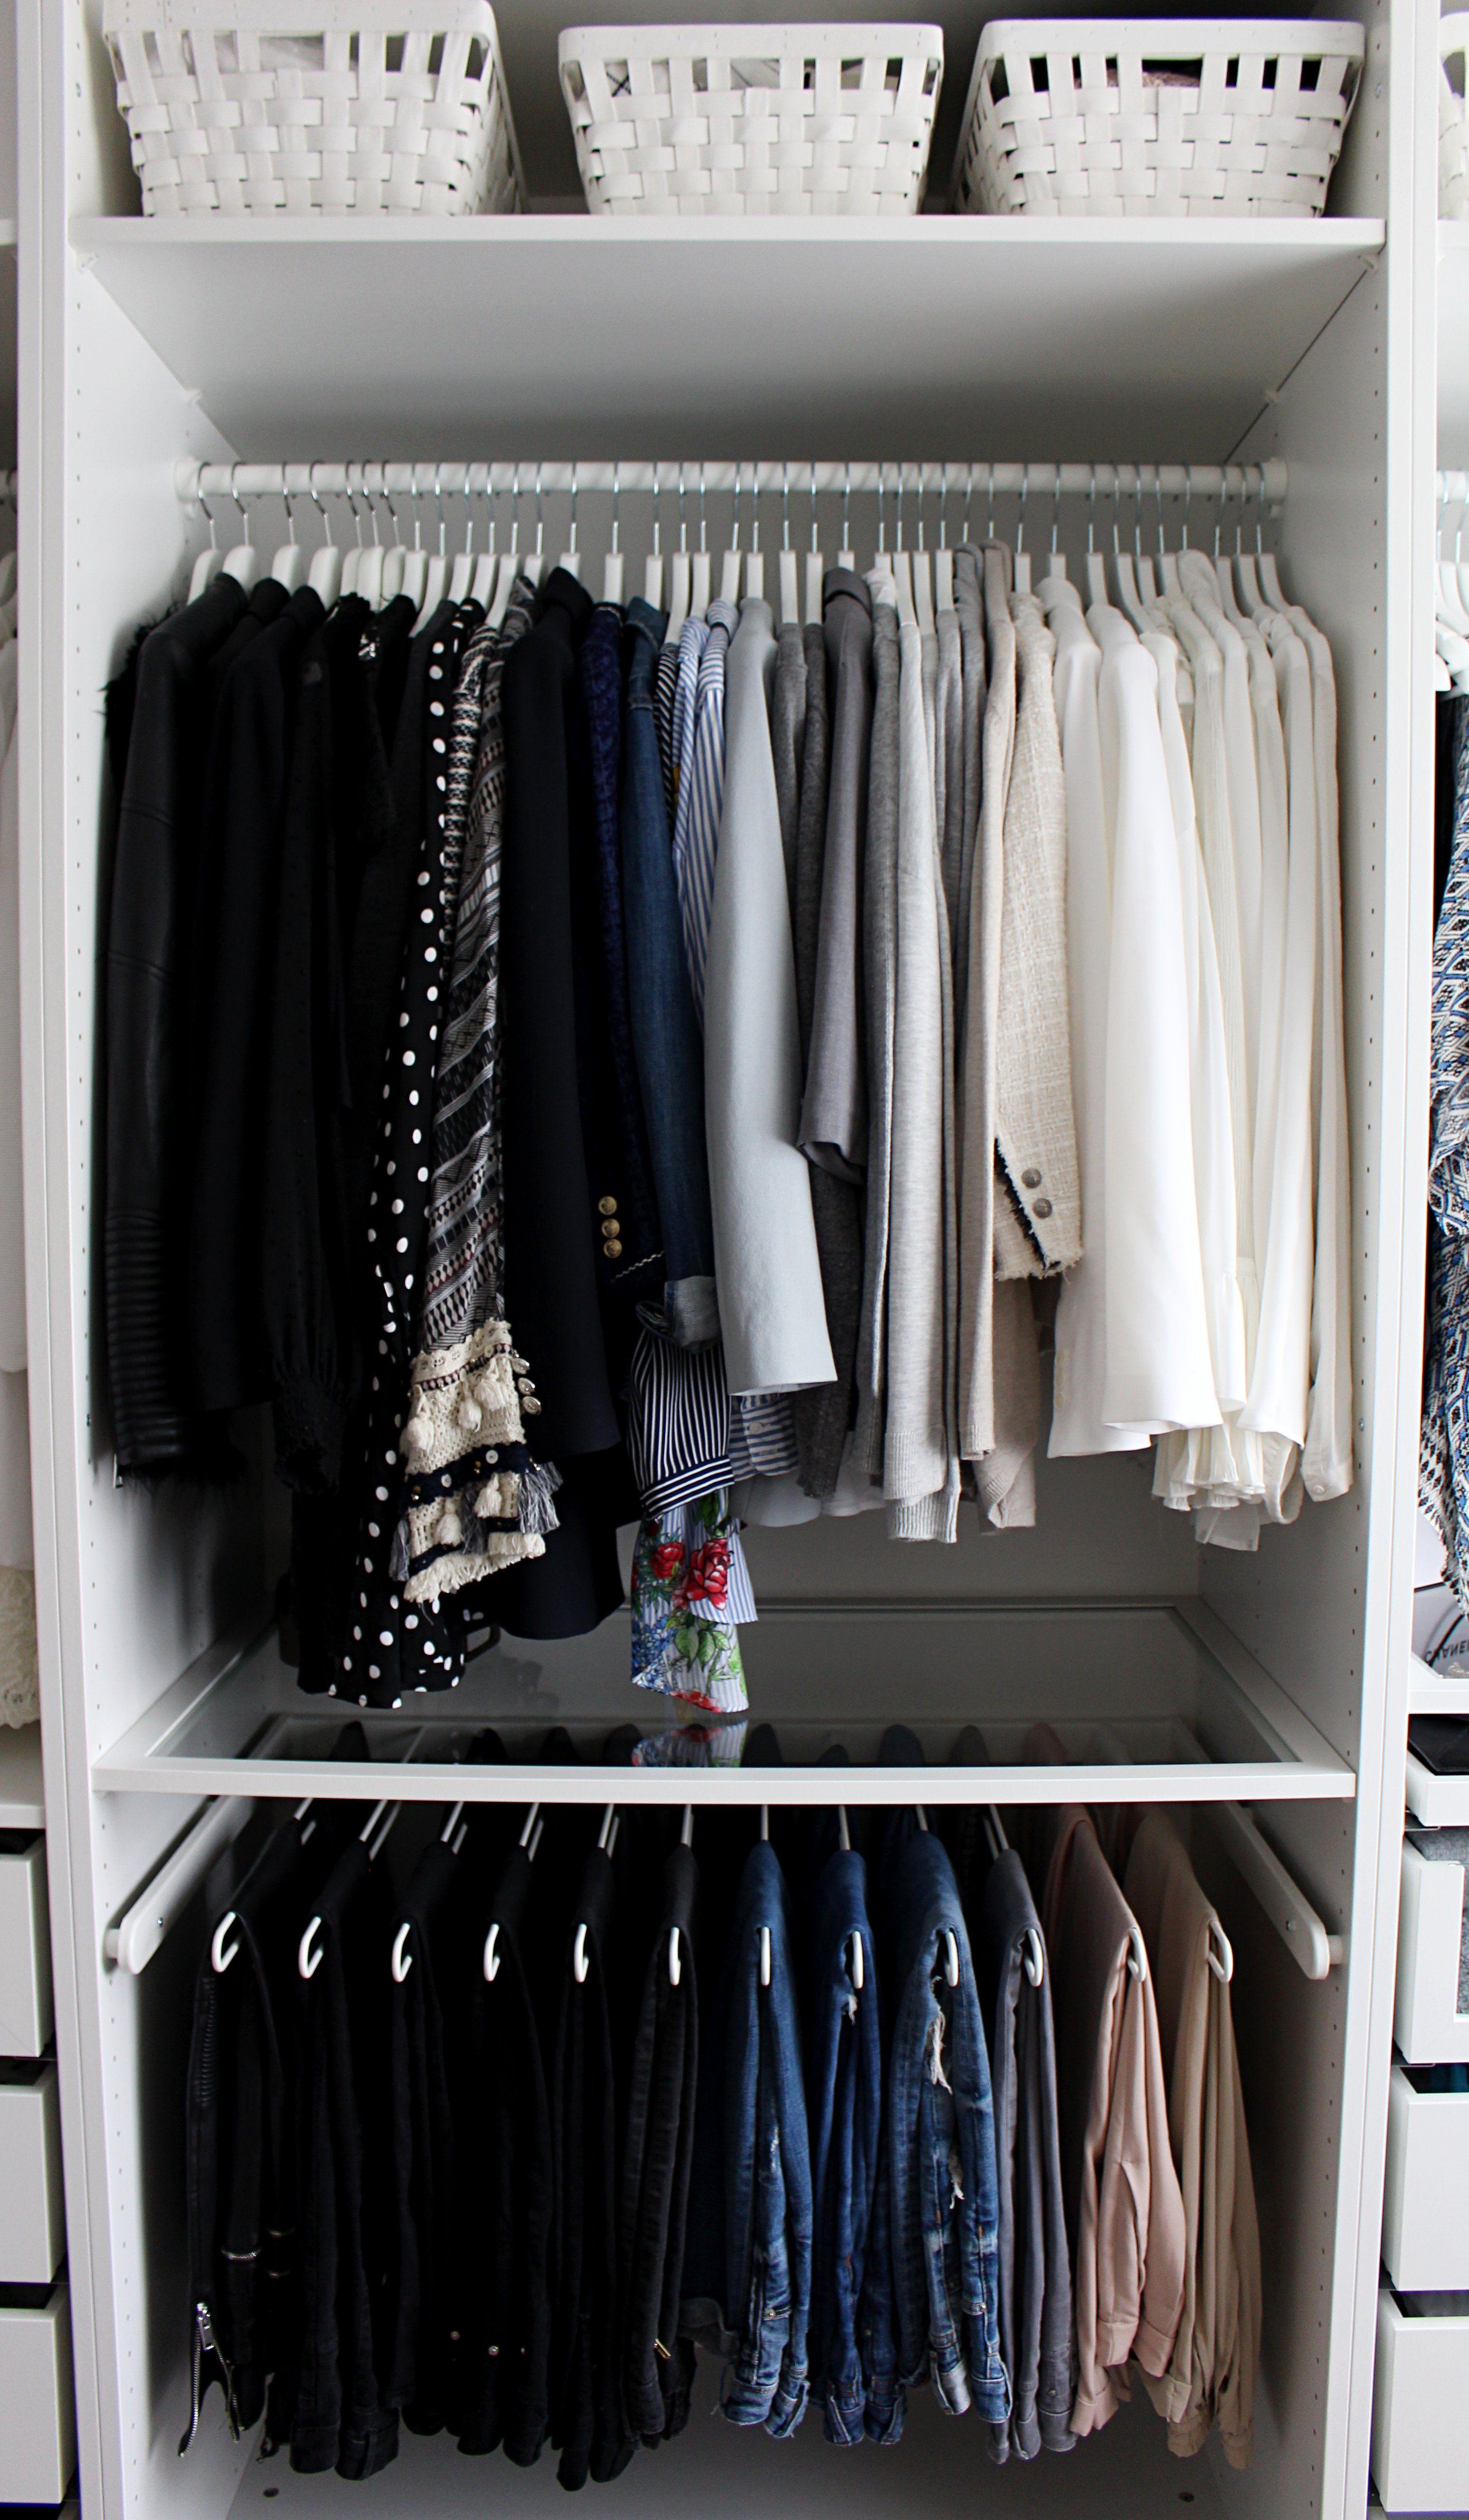 Alle Details zu meinem Ankleidezimmer jetzt auf meinem Blog   Huge ...